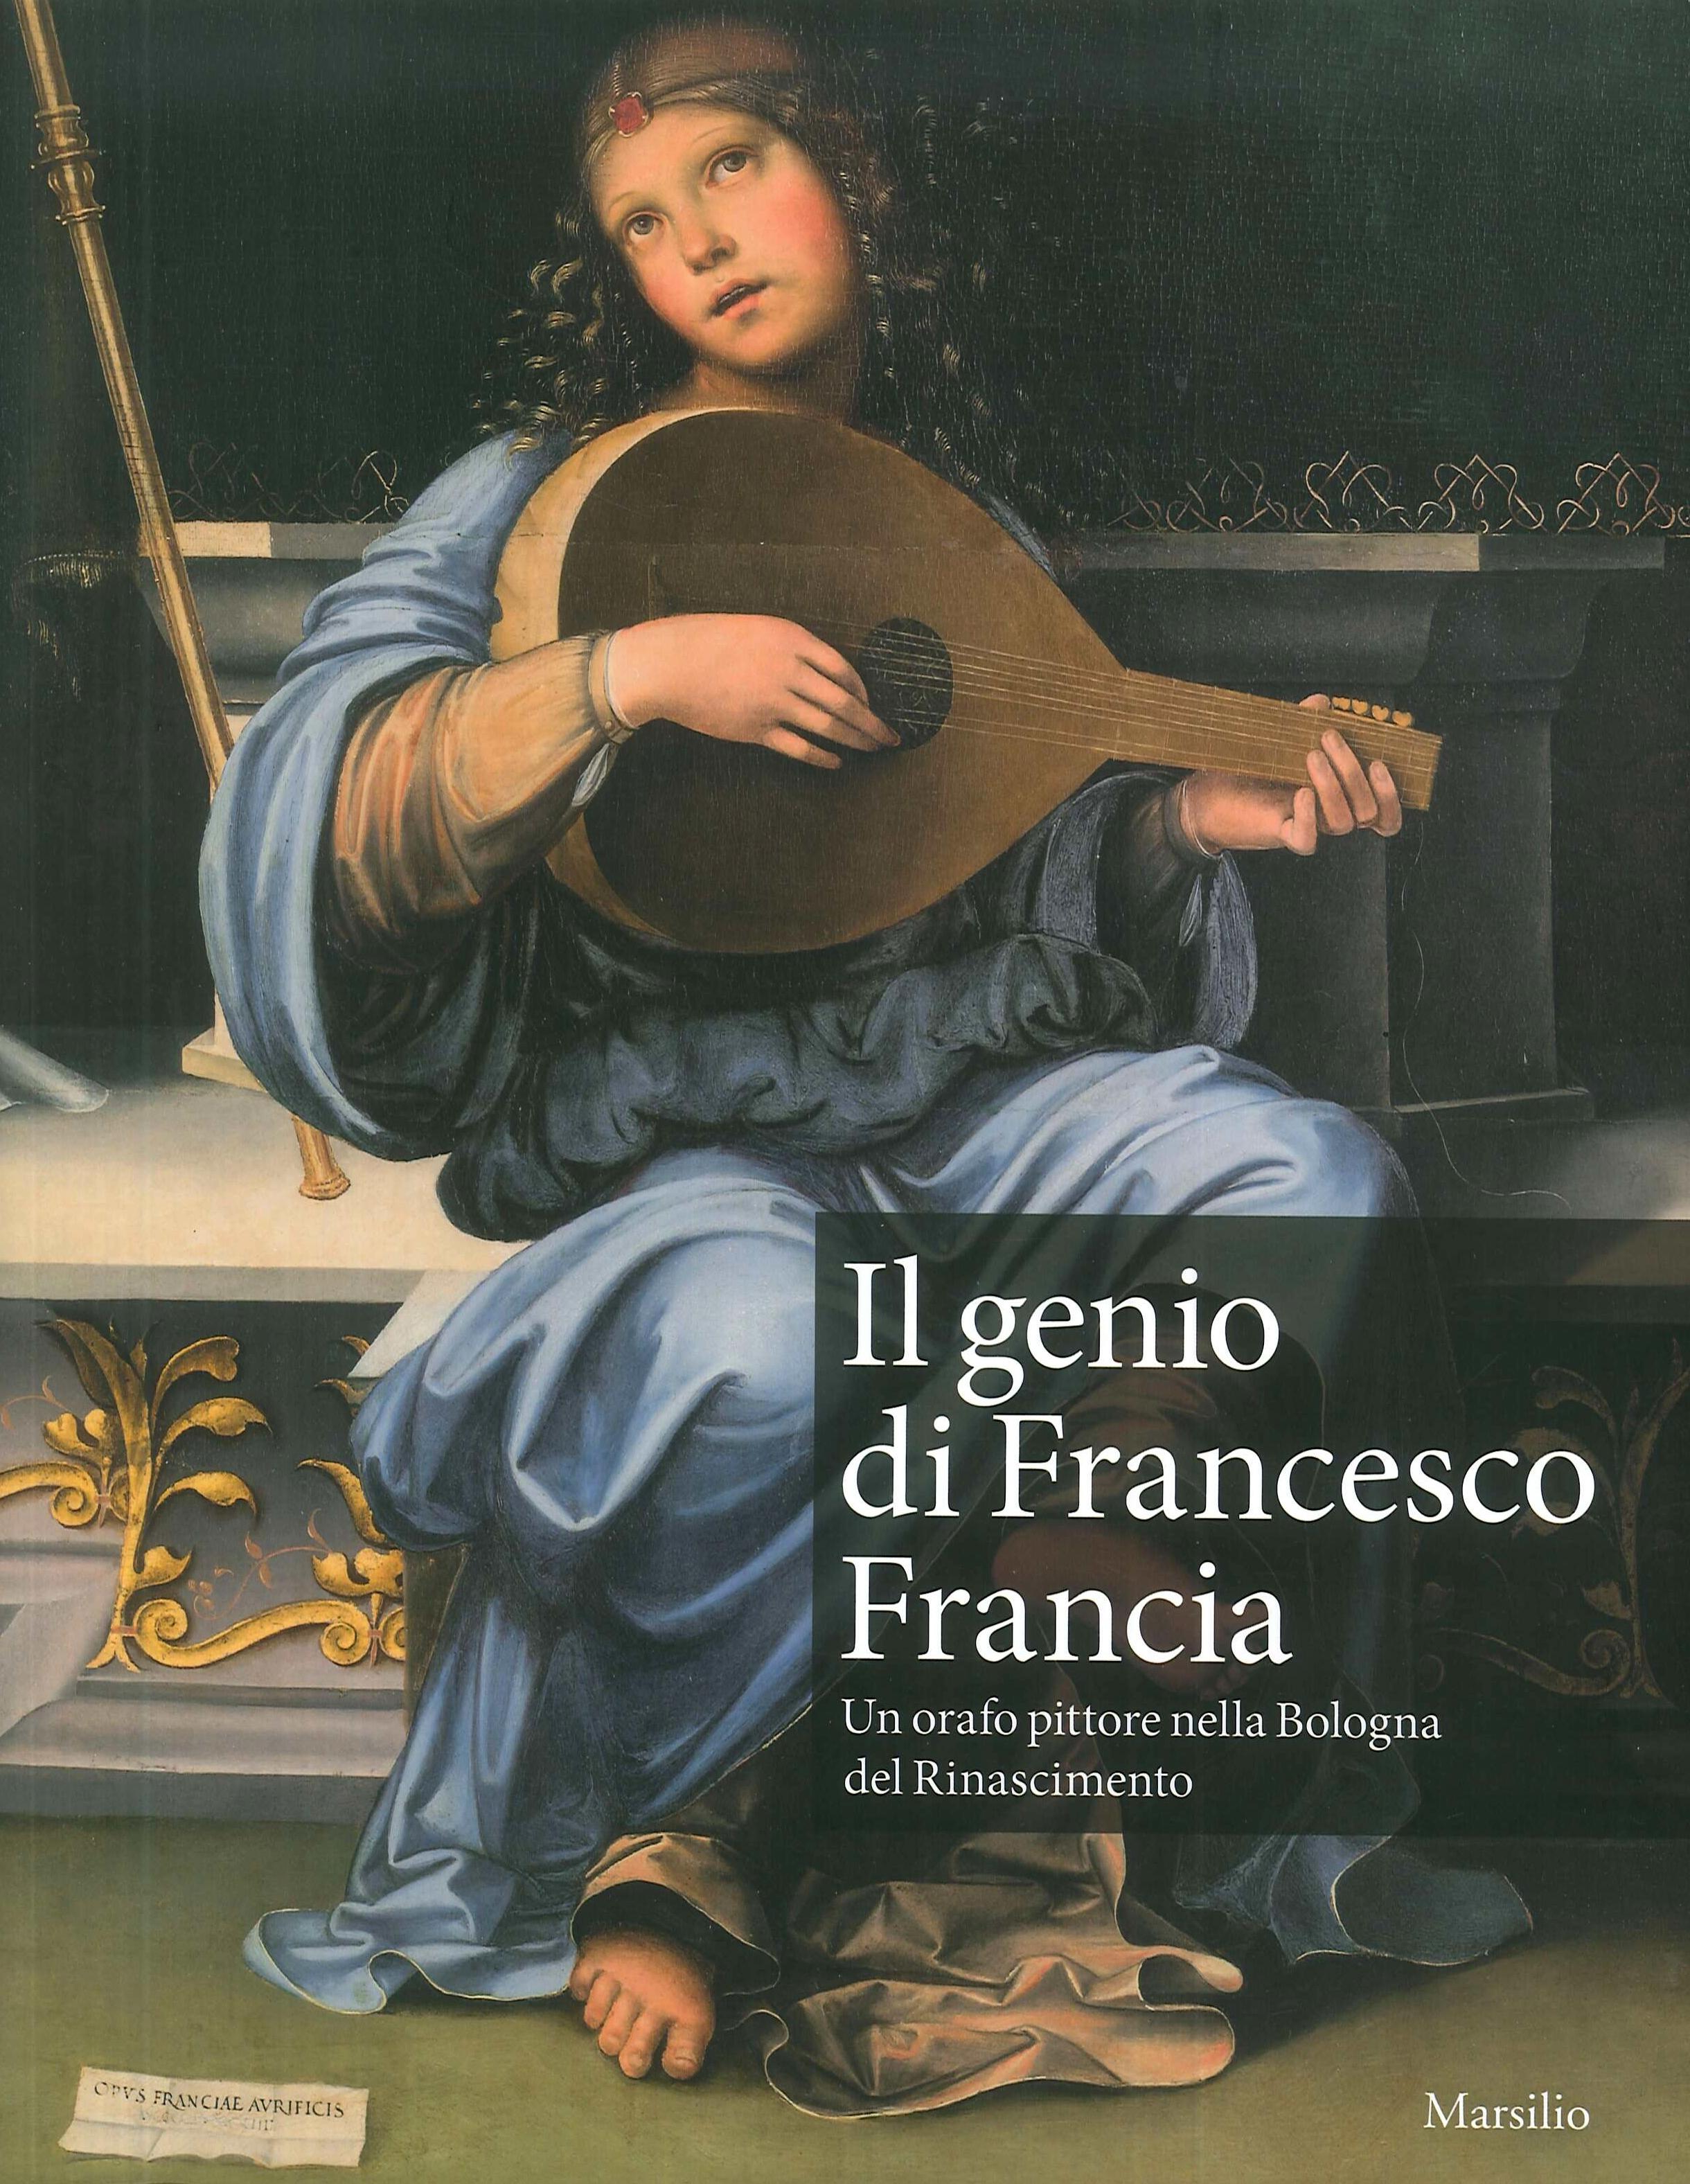 Il genio di Francesco Francia. Un orafo pittore nella Bologna del Rinascimento